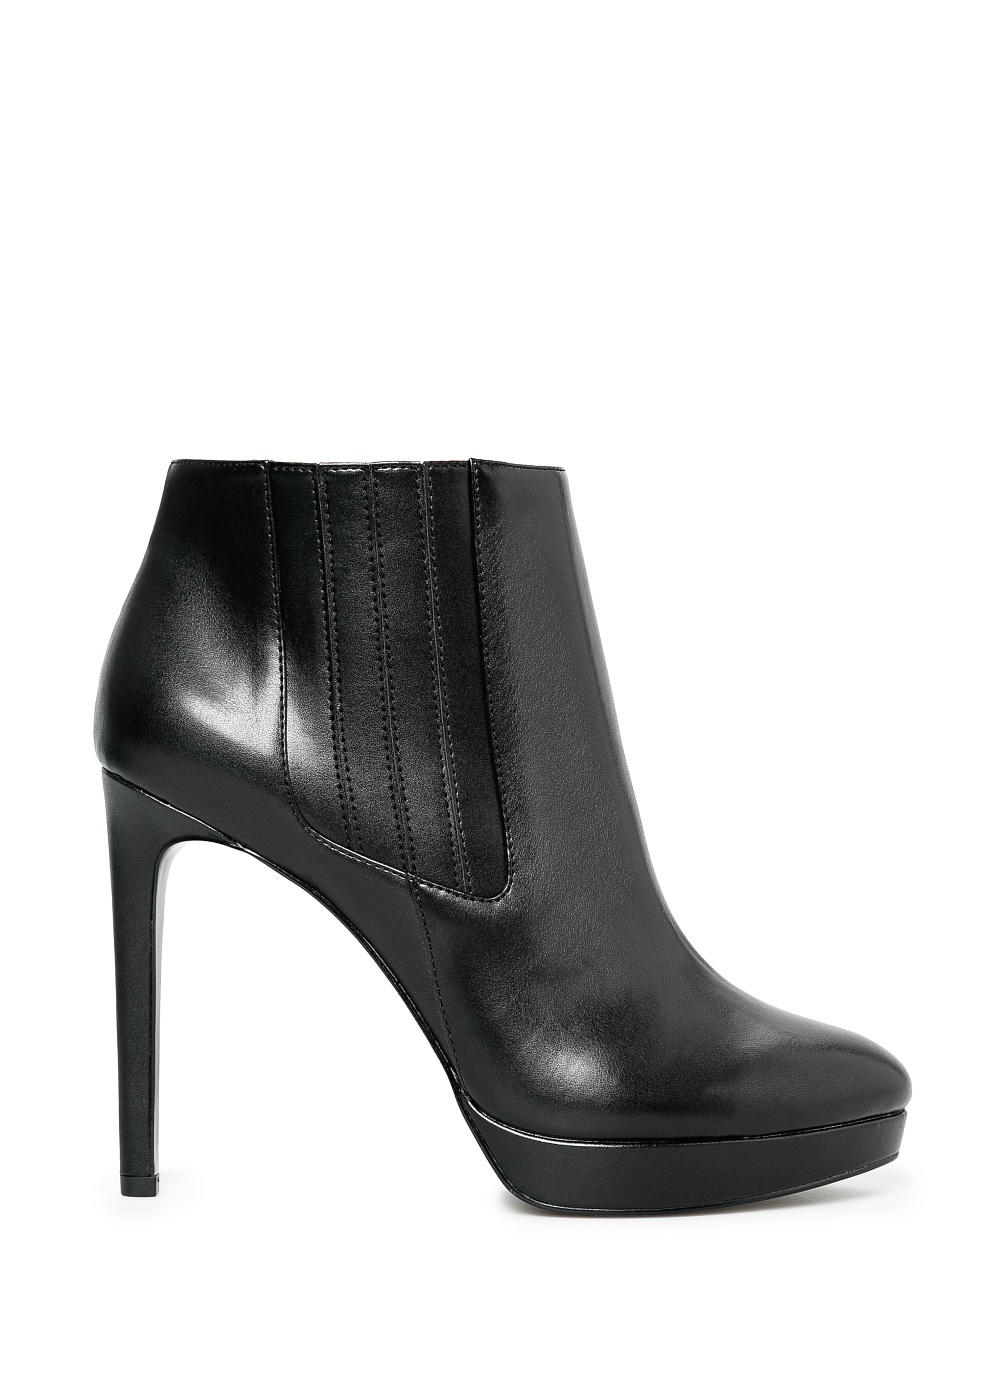 http://mango.es/ES/p0/mujer/accesorios/calzado/botines/botin-efecto-piel/?id=33075562_02&n=1&s=accesorios&ident=0__0_1414078935864&ts=1414078935864